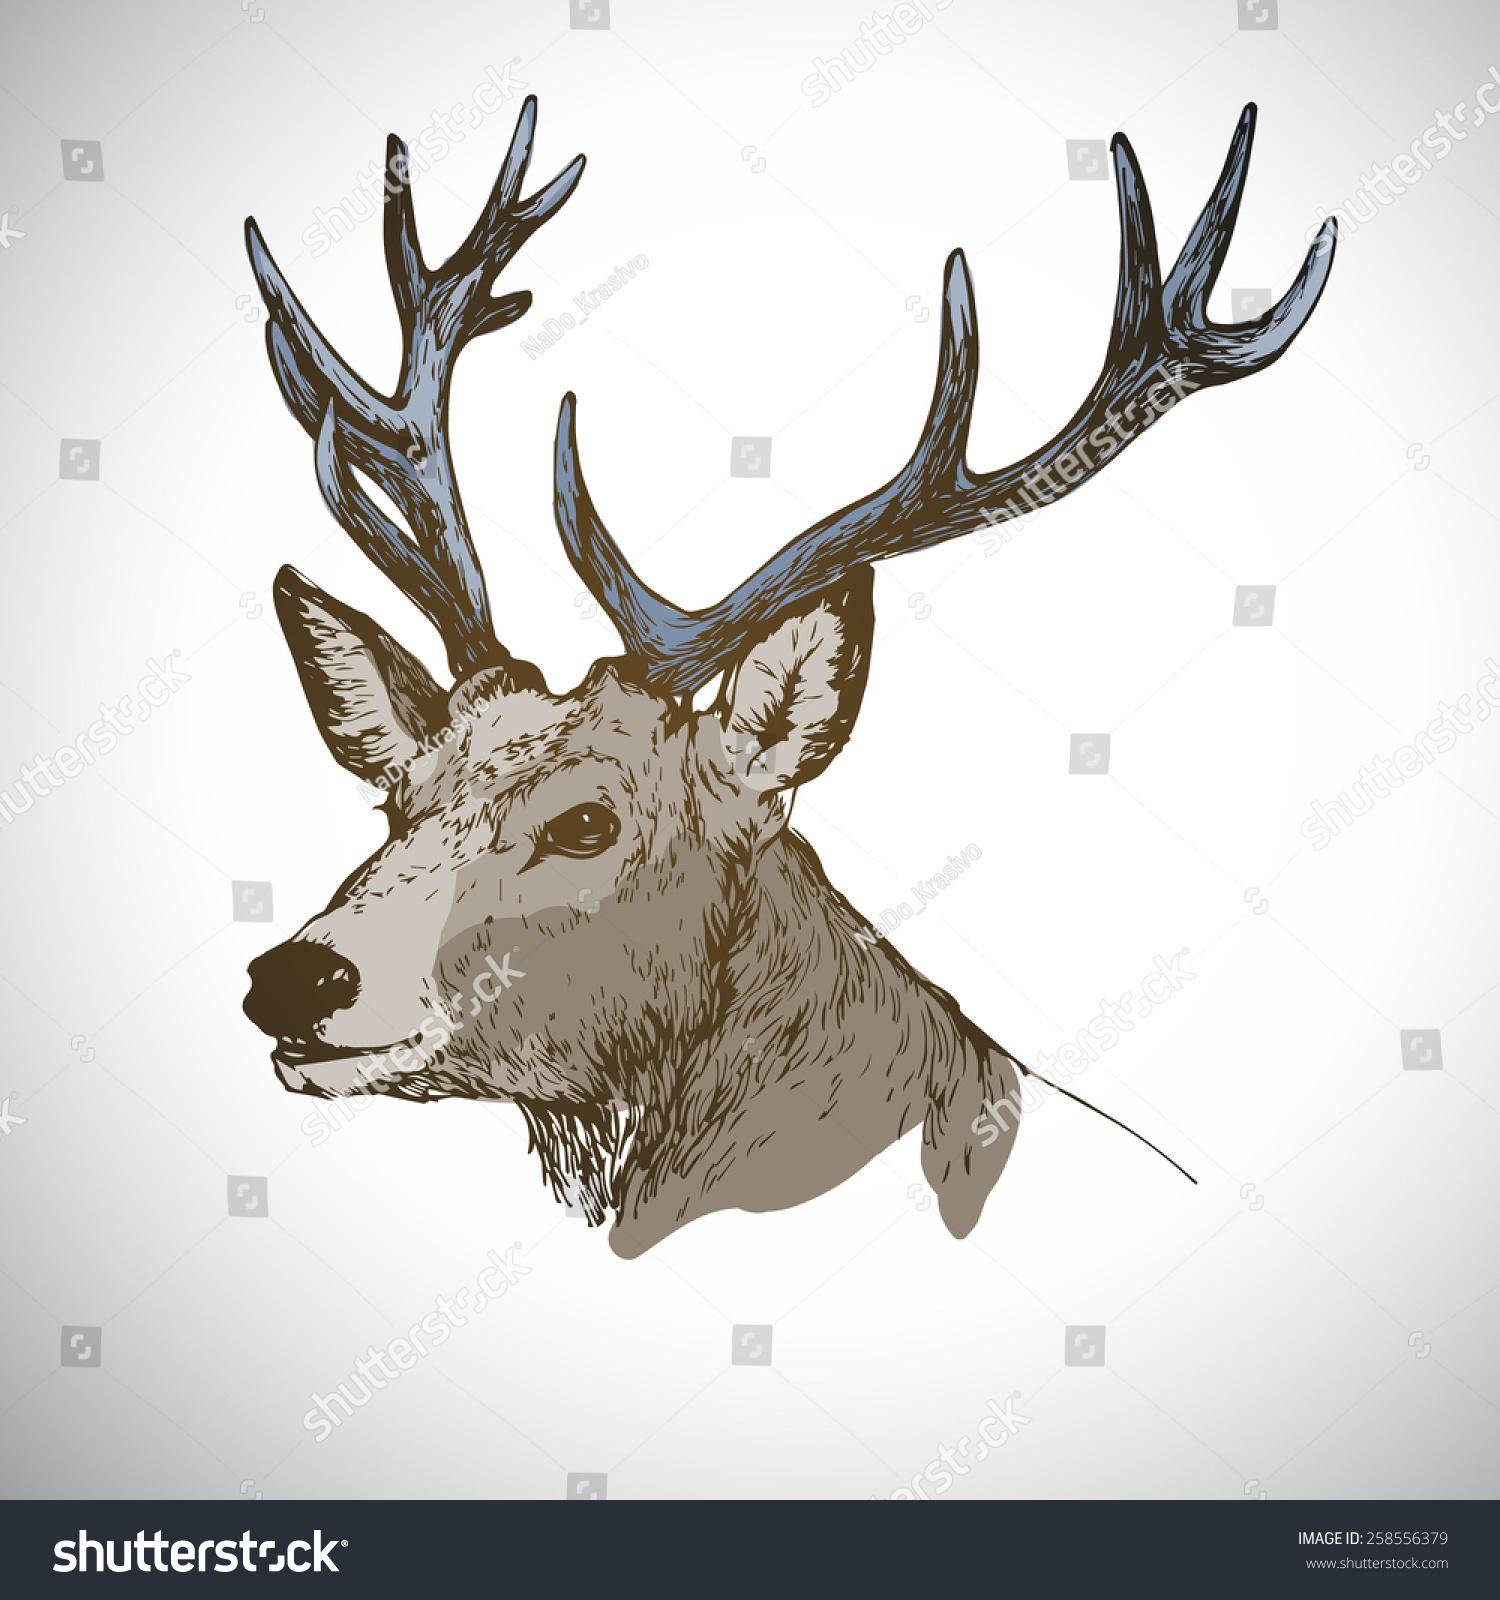 头鹿墨水素描色彩矢量插图-动物/野生生物,其它-海洛